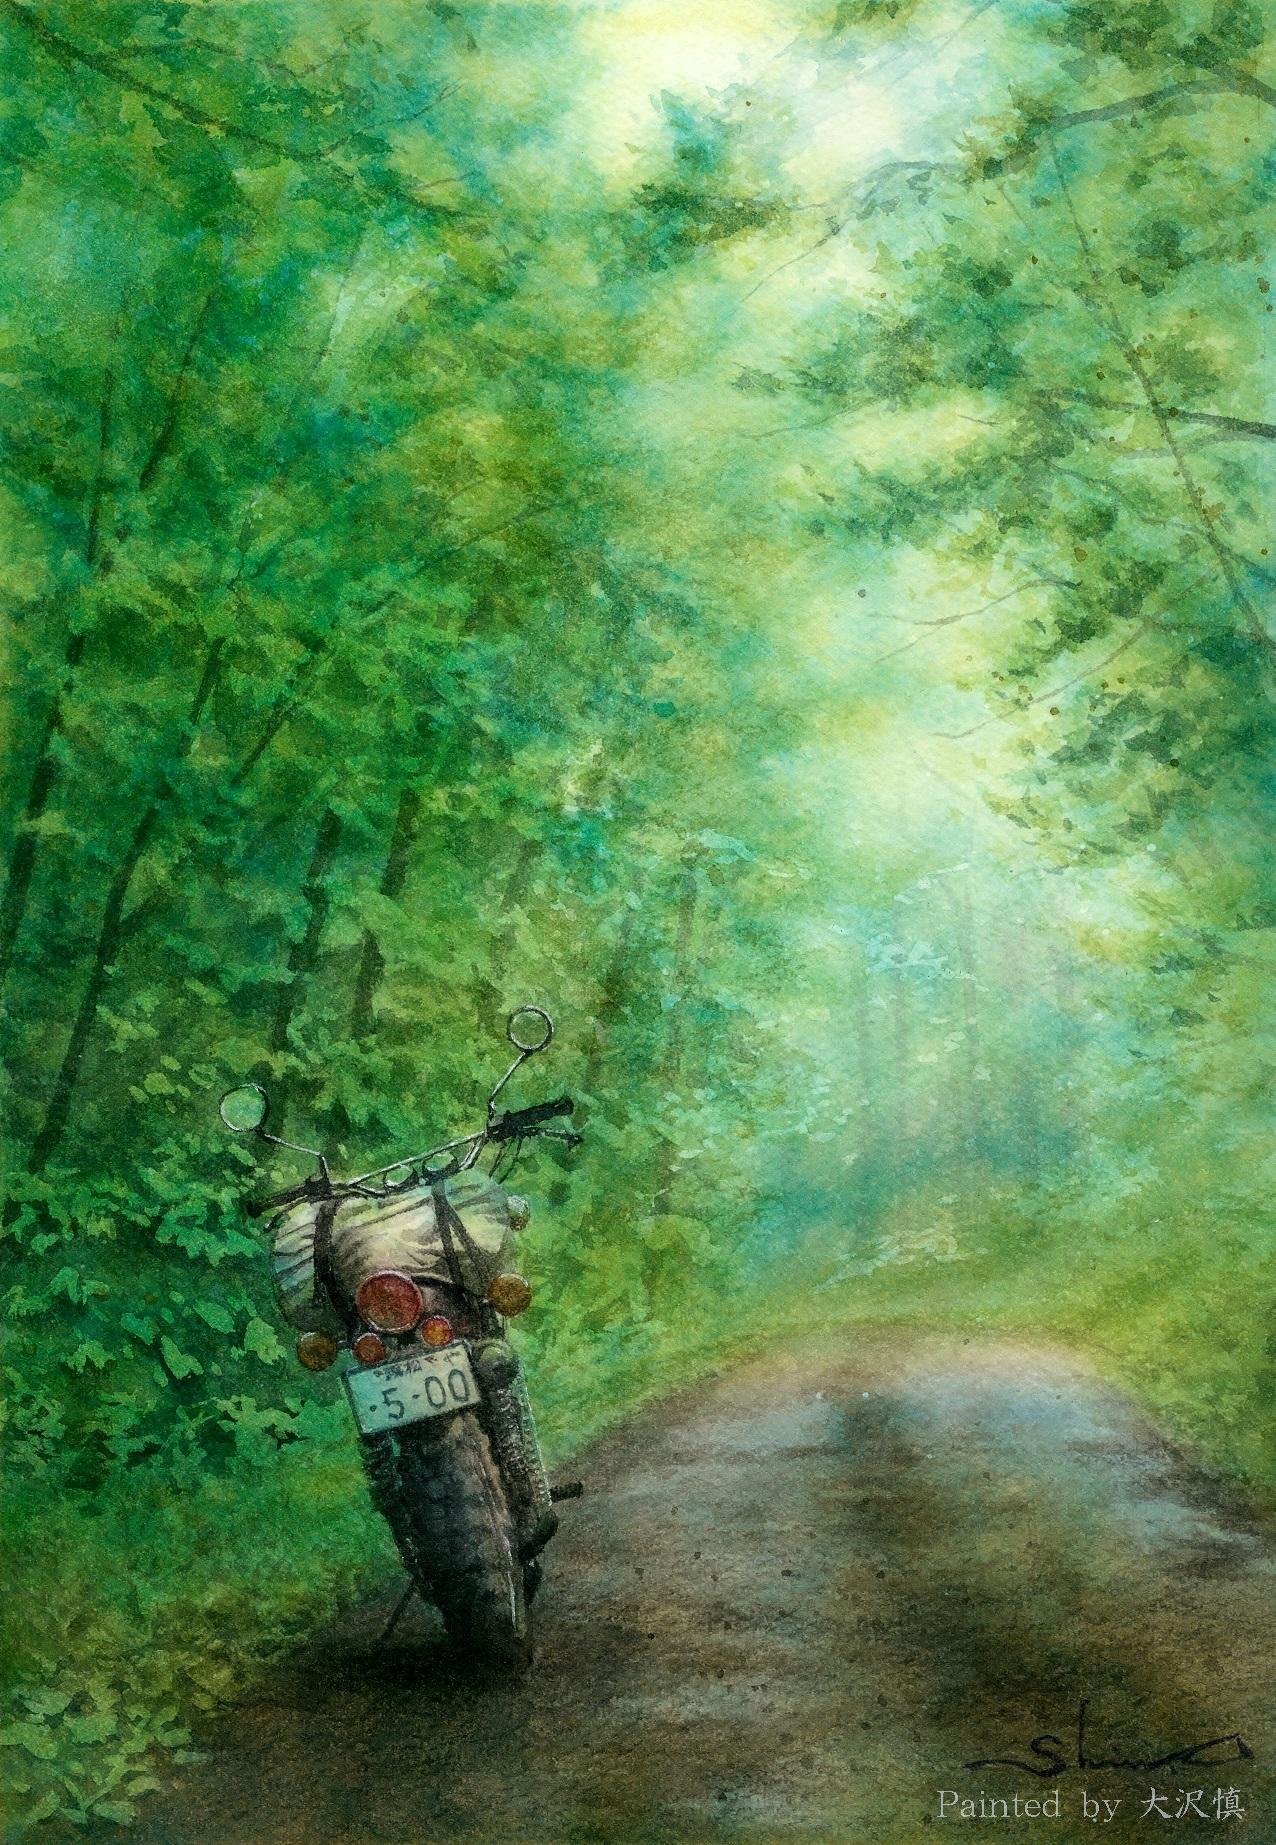 光と雨の曲がり道(XT500)